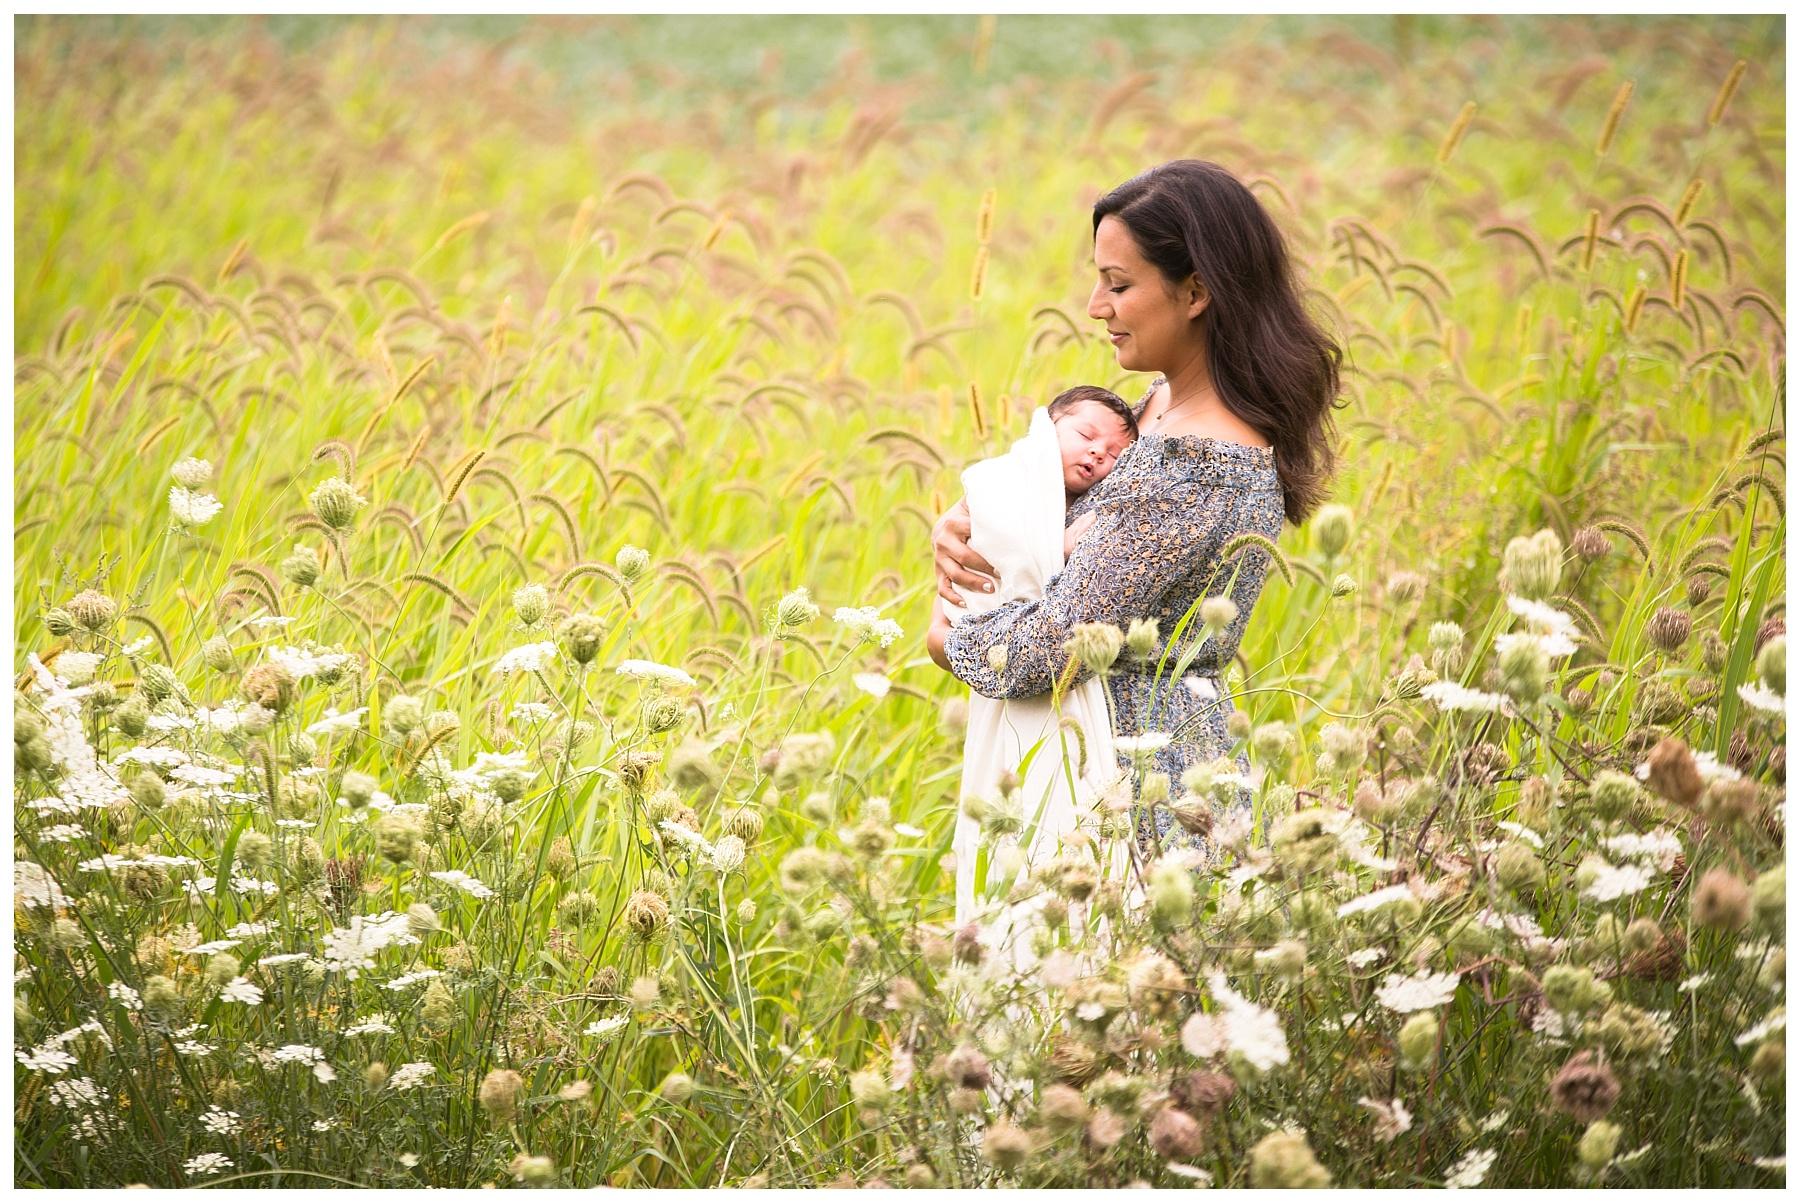 Racine Baby Photographer Kenosha Newborn Photography Burlington, Union Grove, Oak Creek motherhood